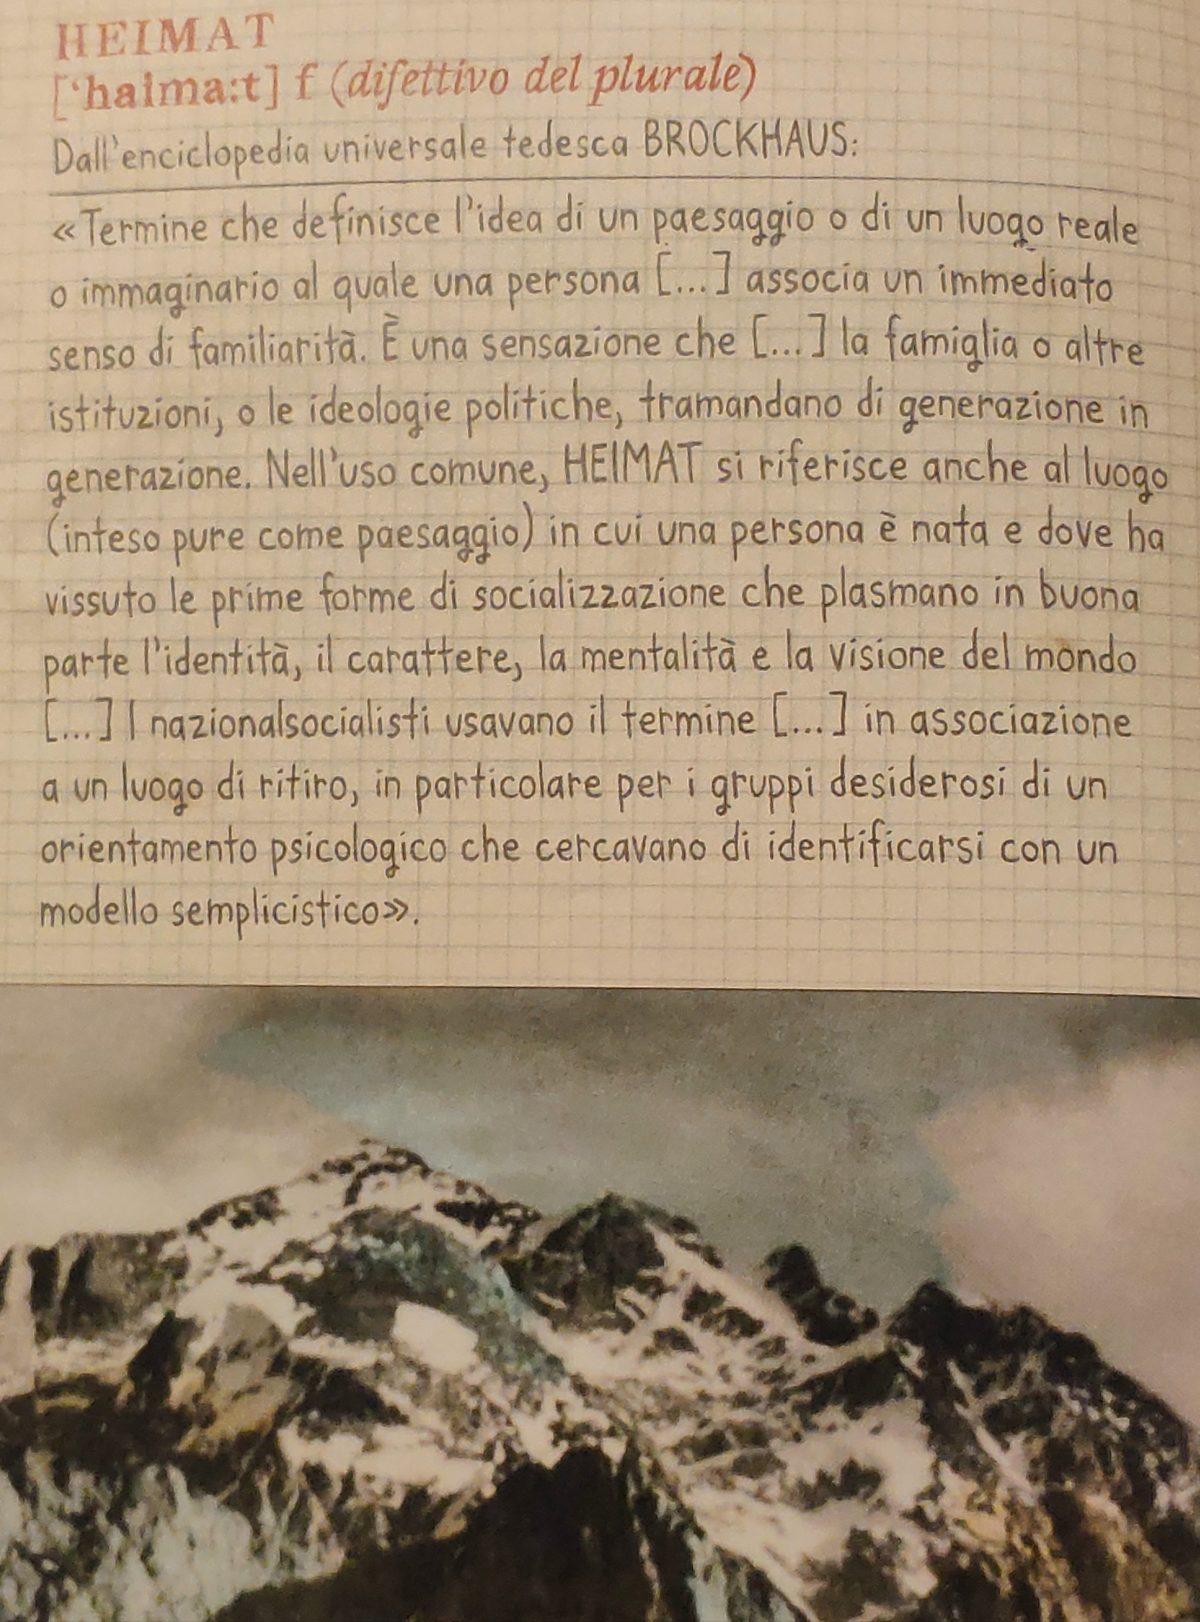 Mio Caro Fumetto - Heimat: un album di famiglia tedesco - Pagina del libro con il significato della parola Heimat.